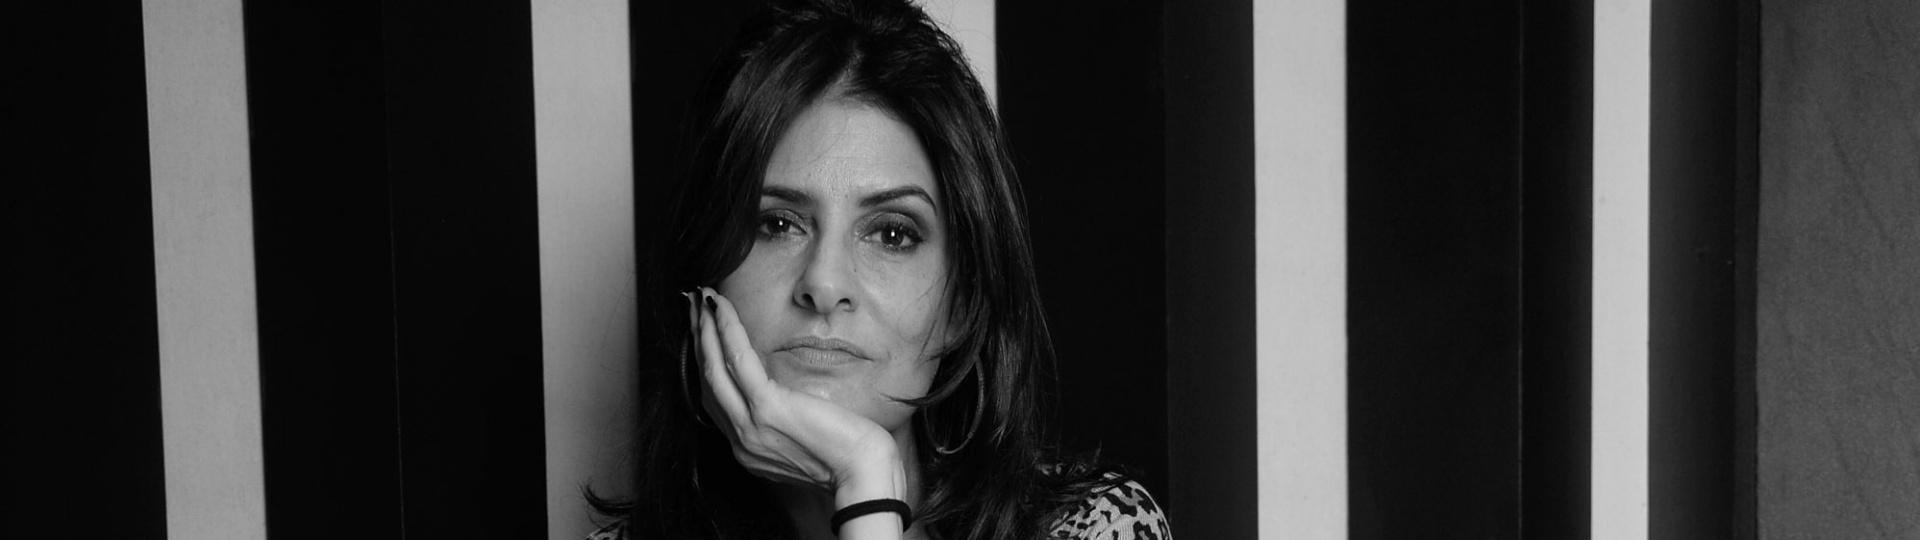 4.jun.2016 - A cantora Fernanda Abreu em seu estúdio no Rio de Janeiro recebeu a reportagem do UOL para falar sobre seu mais recente álbum,